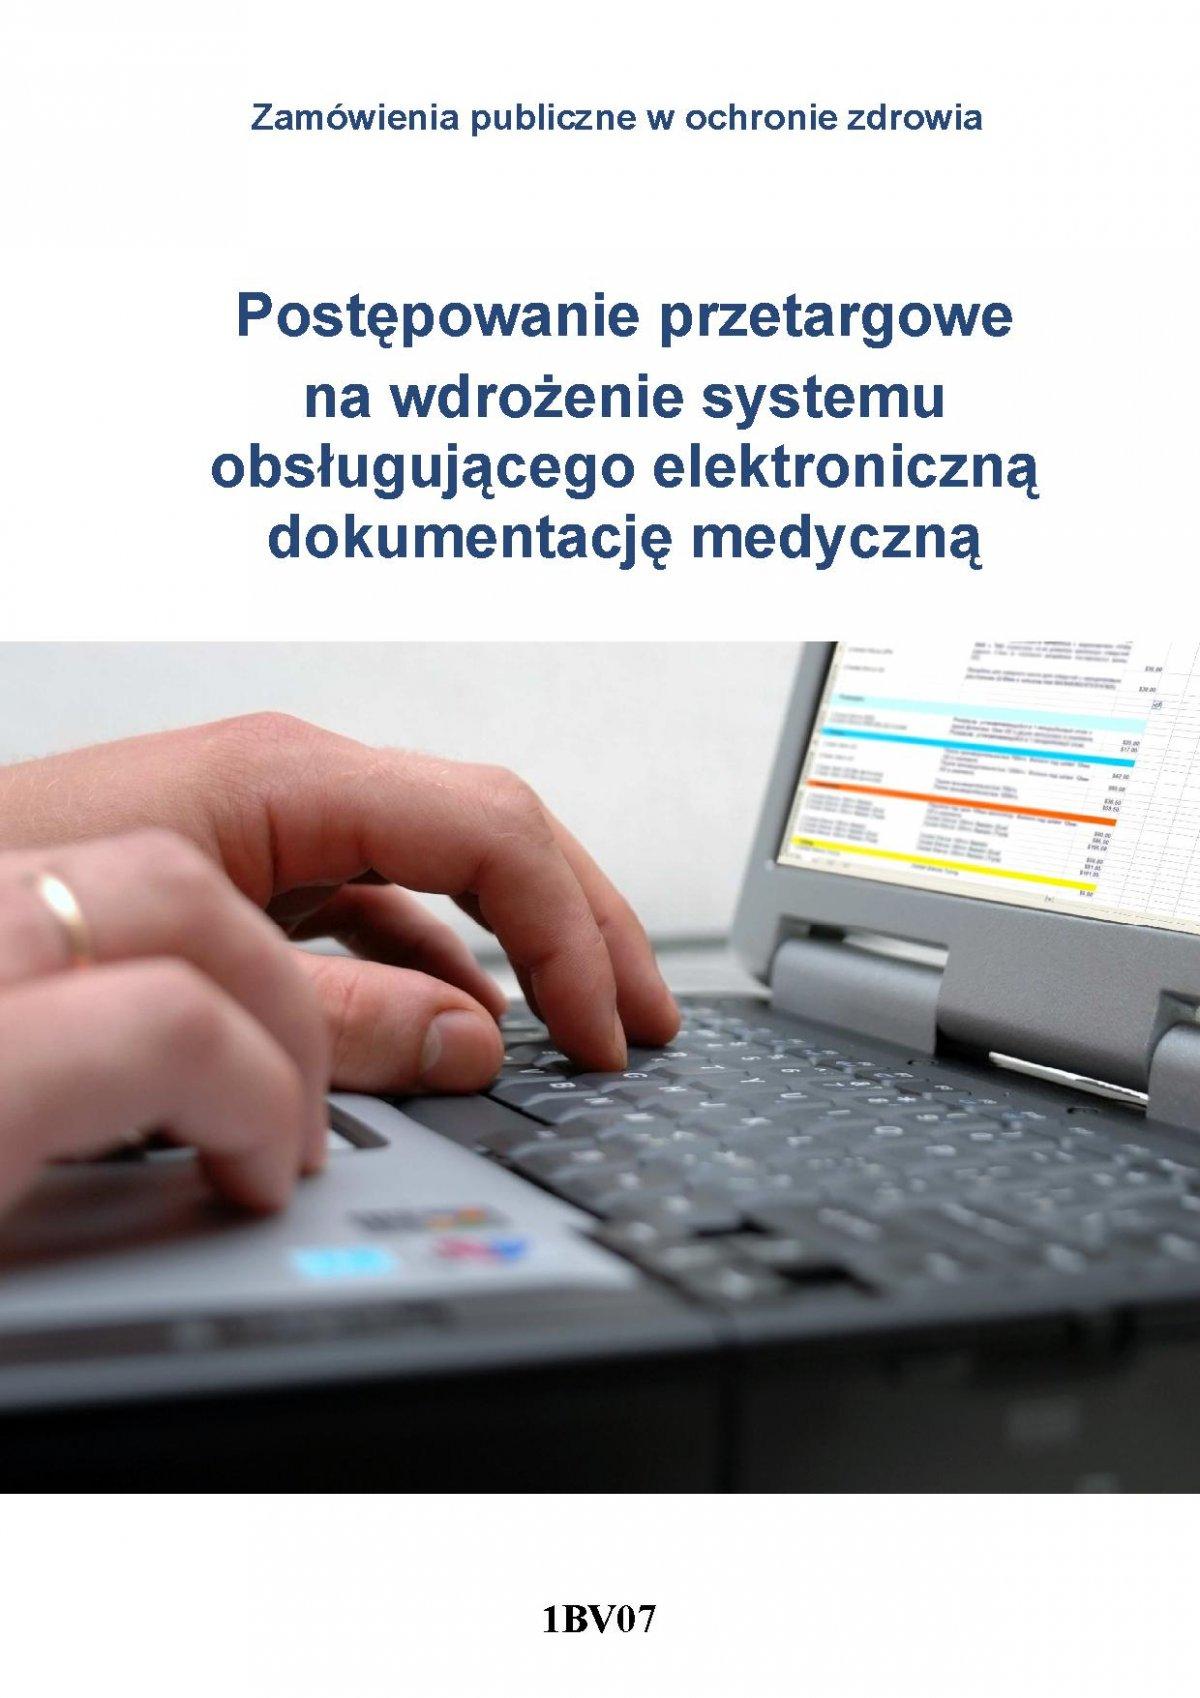 Postępowanie przetargowe na wdrożenie systemu obsługującego elektroniczną dokumentację medyczną - Ebook (Książka PDF) do pobrania w formacie PDF